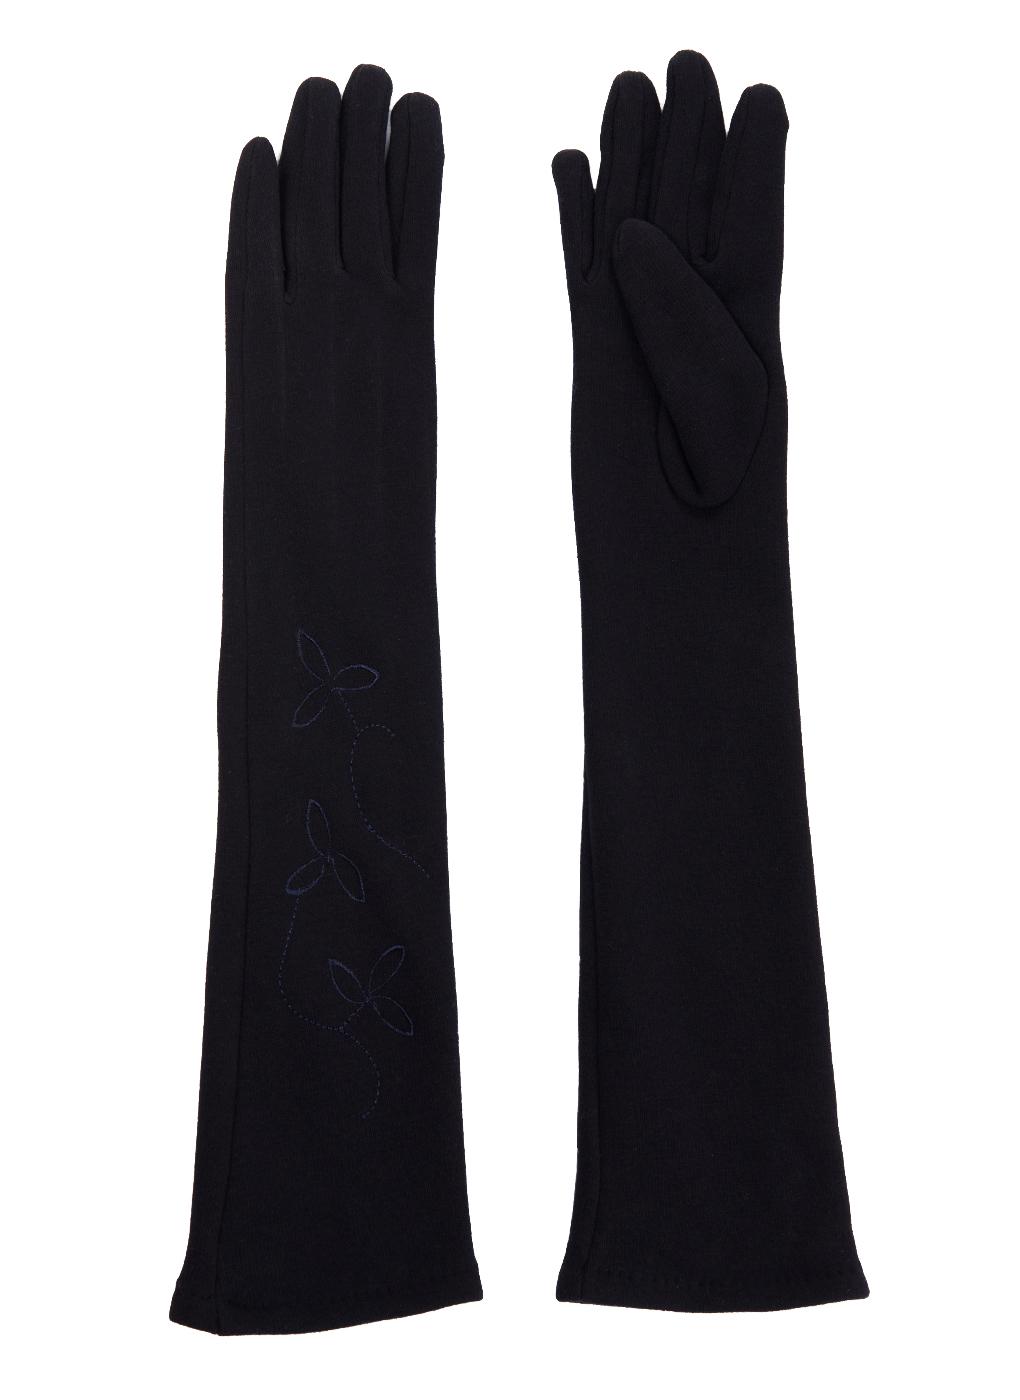 Перчатки женские из трикотажа 12, Hannelore фото